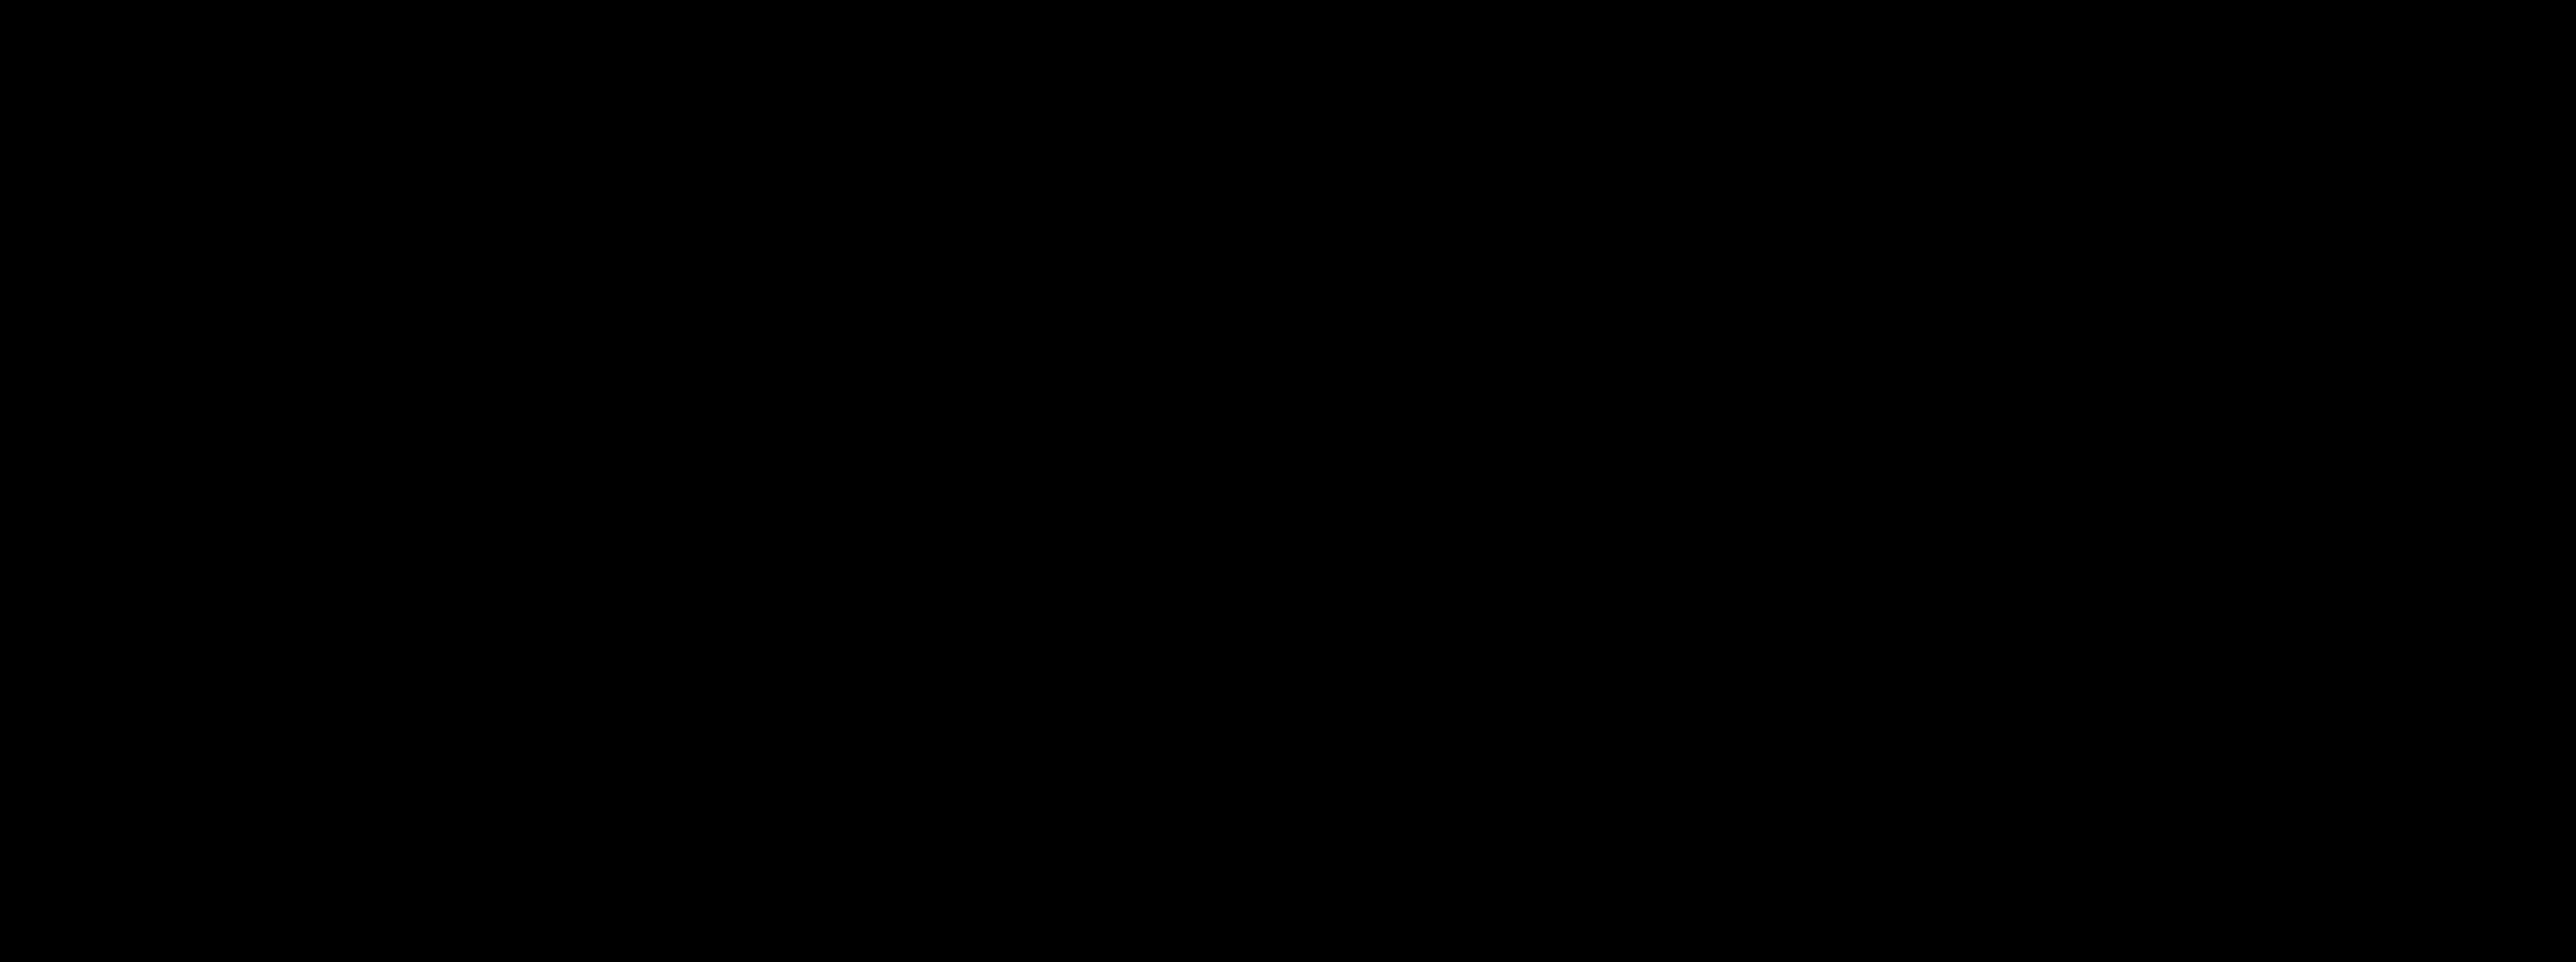 N-Biotinyl-12-aminododecanoyltobramycin amide